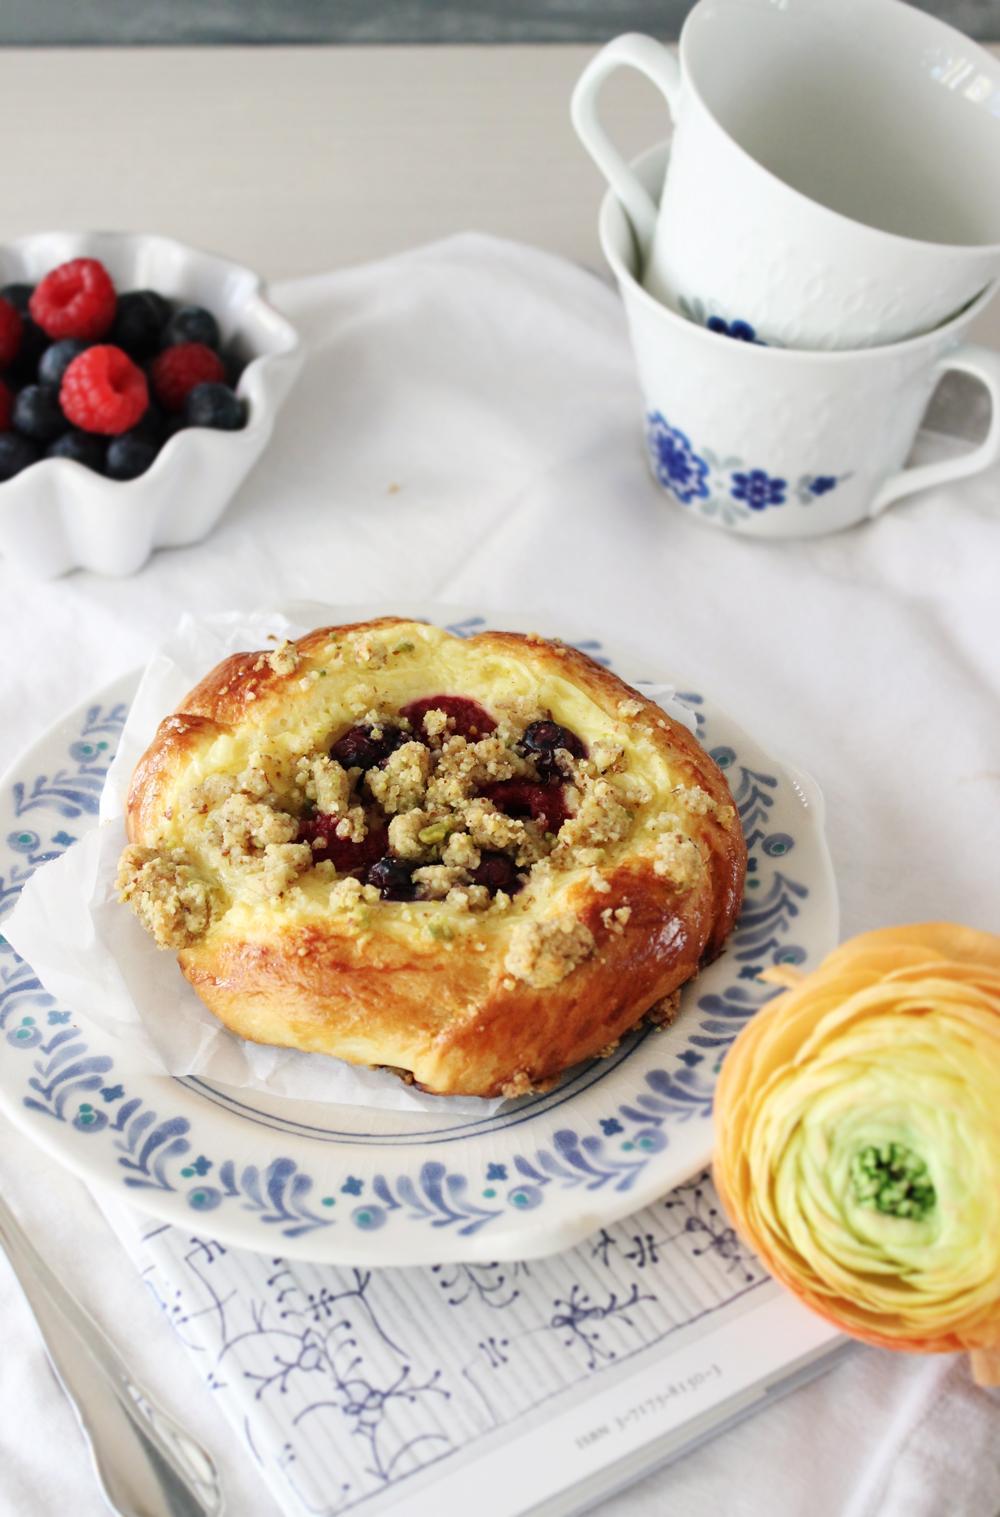 Rezept für Puddingteilchen mit Beeren und Pistazienstreuseln